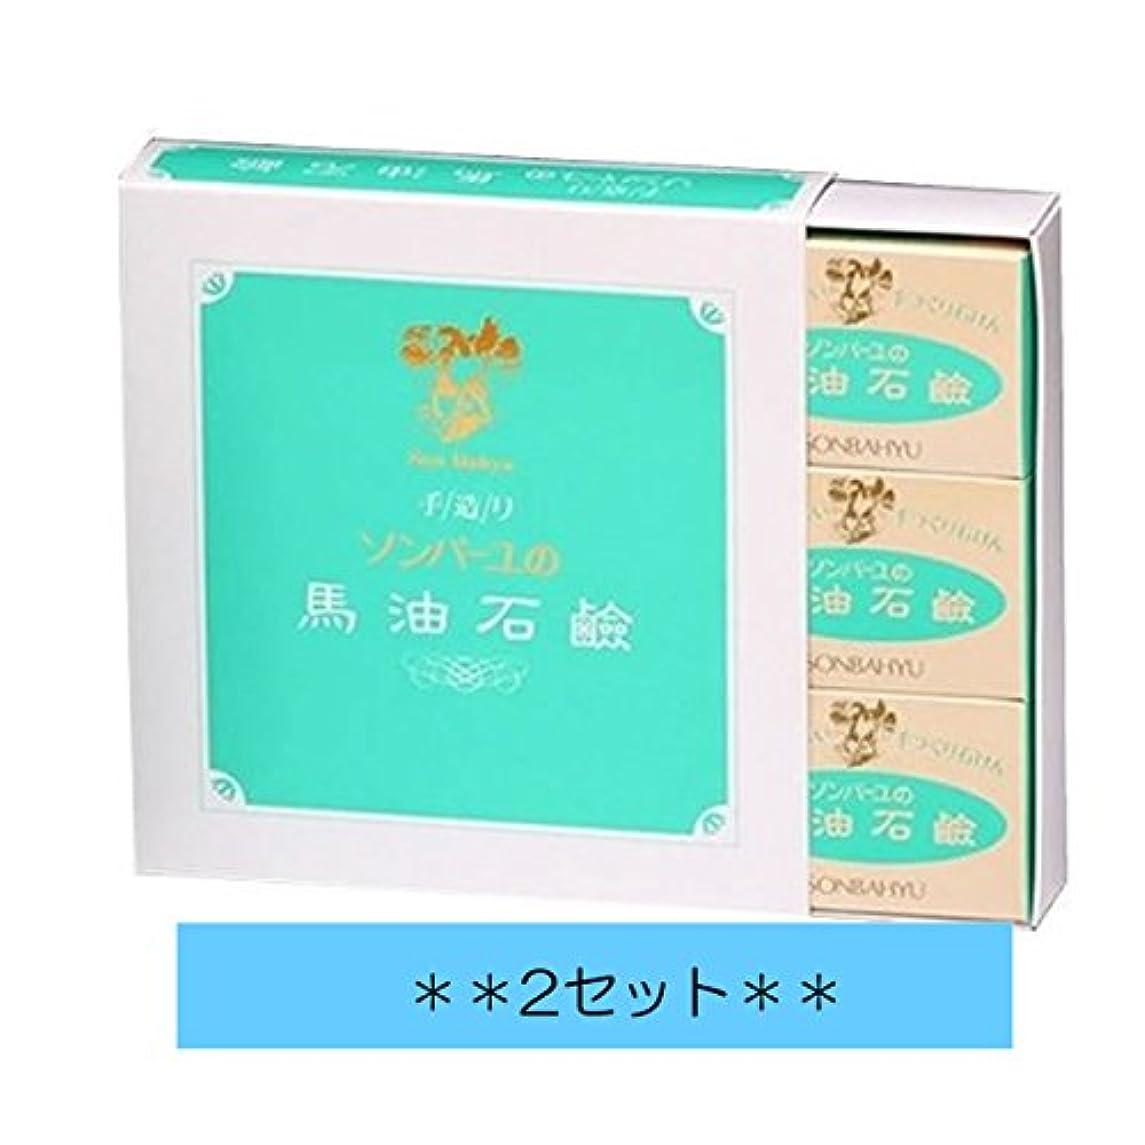 余暇貸し手綺麗な【2箱セット】ソンバーユ石鹸 85g×6個